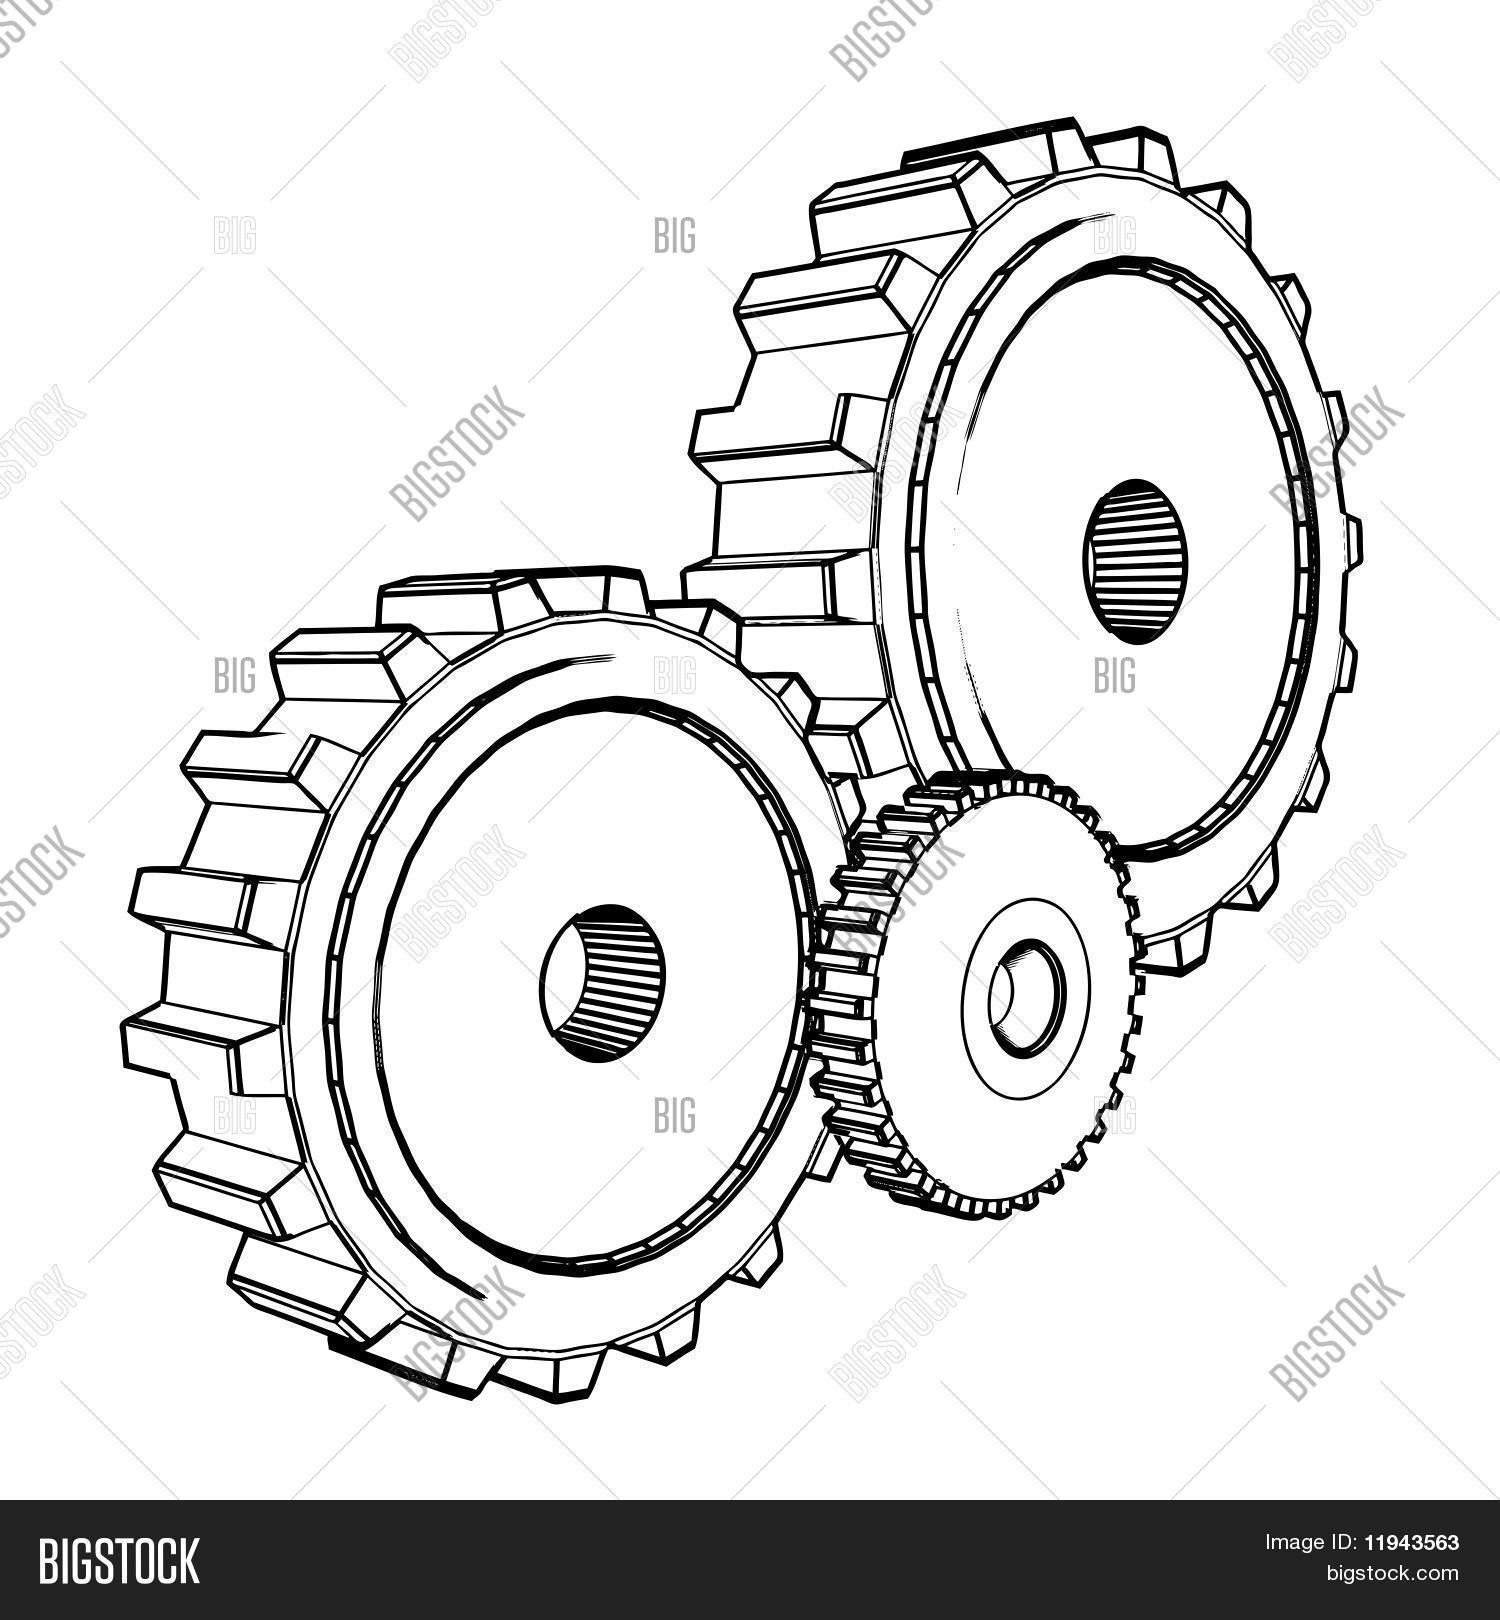 3d technische tekening van vector en foto bigstock for 3d schets maken